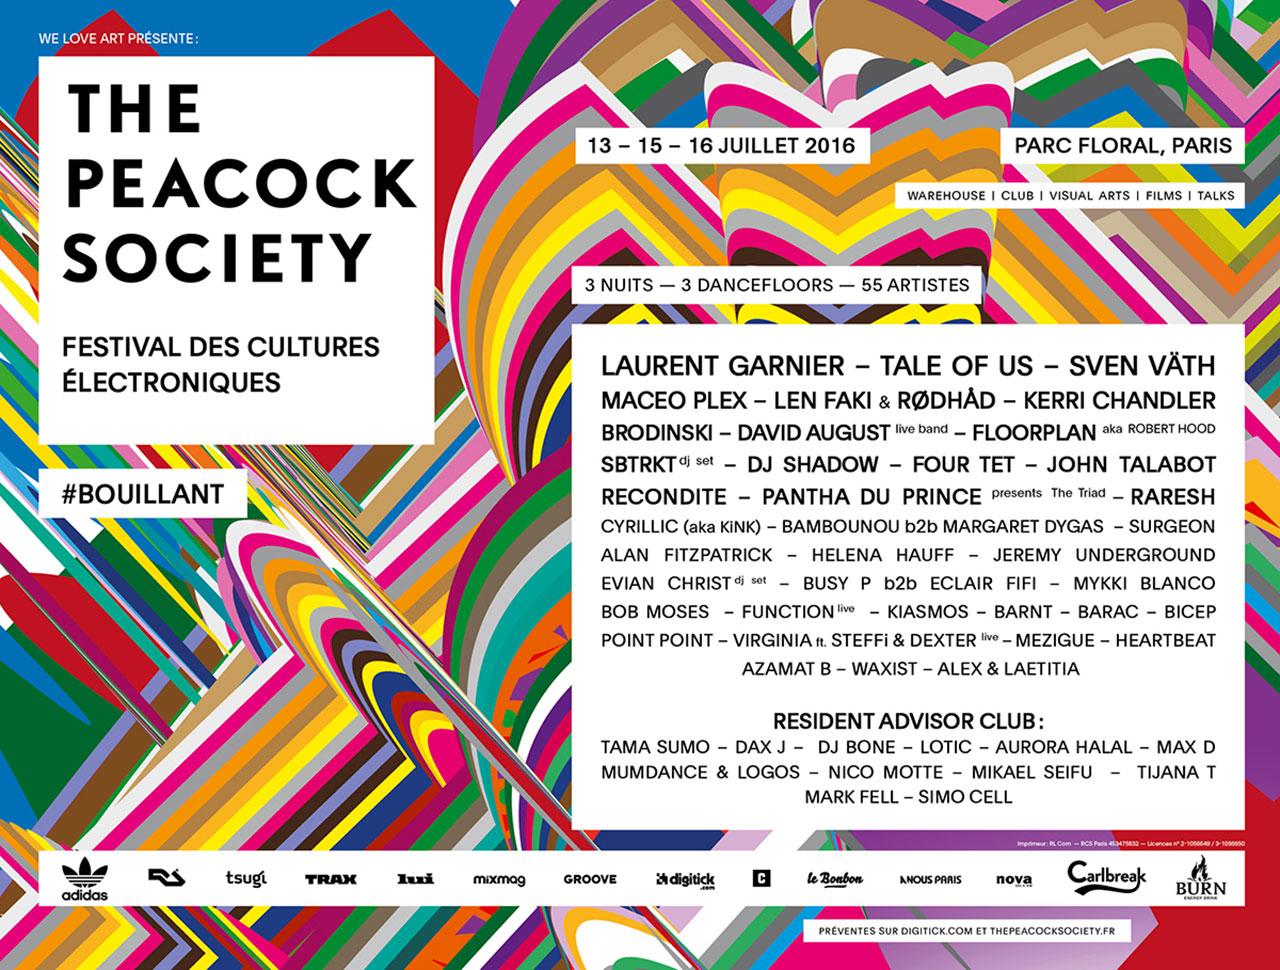 2016.07.13 - Helena Hauff @ The Peacock Society Festival 2016 (Paris, France) 2016-07-1X_-_The_Peacock_Society_Festival